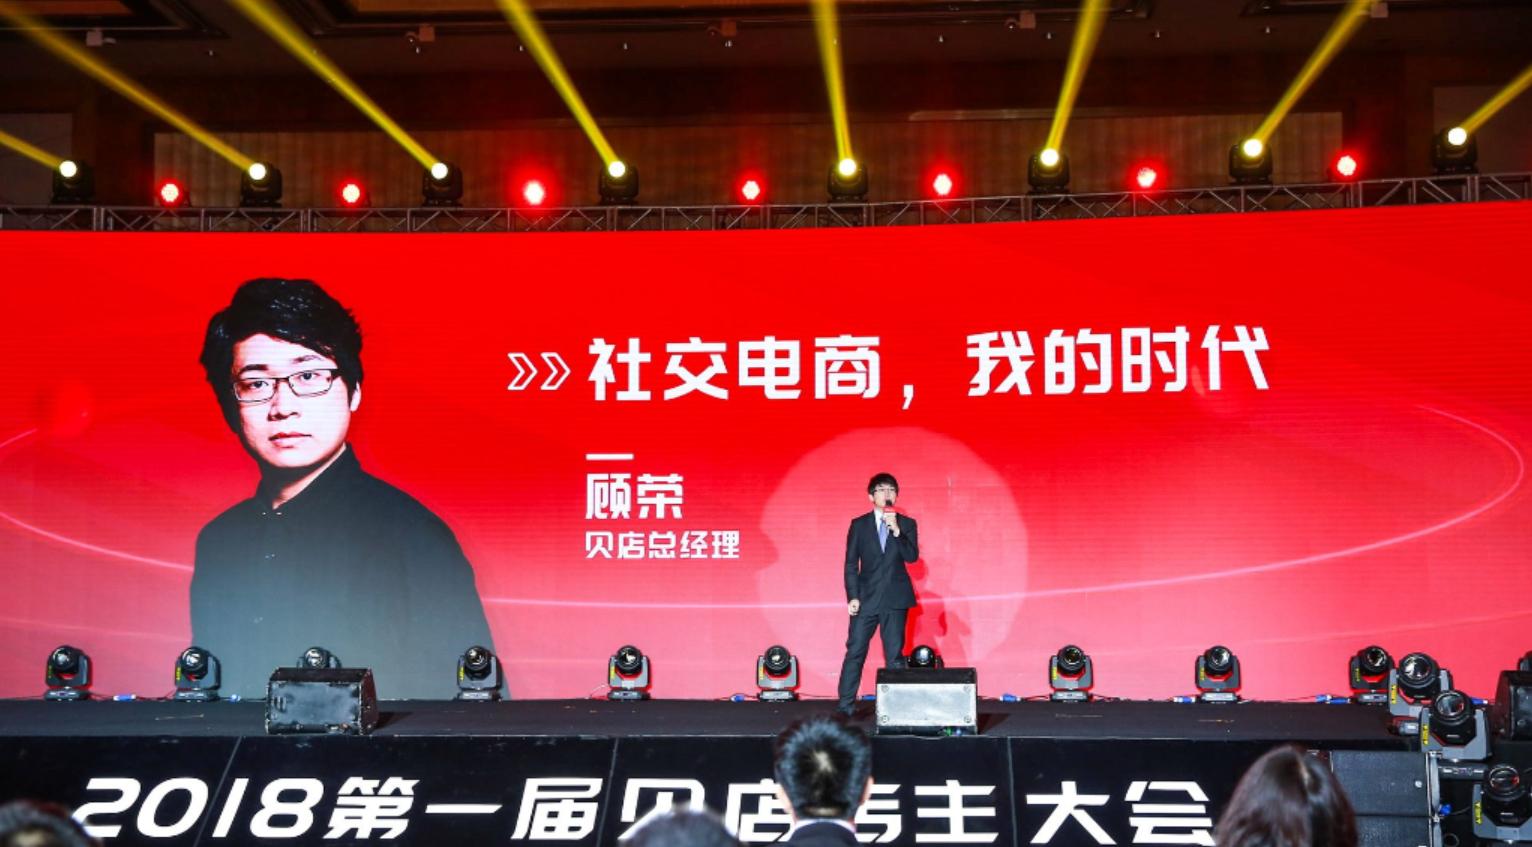 贝店顾荣:打造消费型社交电商平台,贝店要在未来三年实现百倍增长